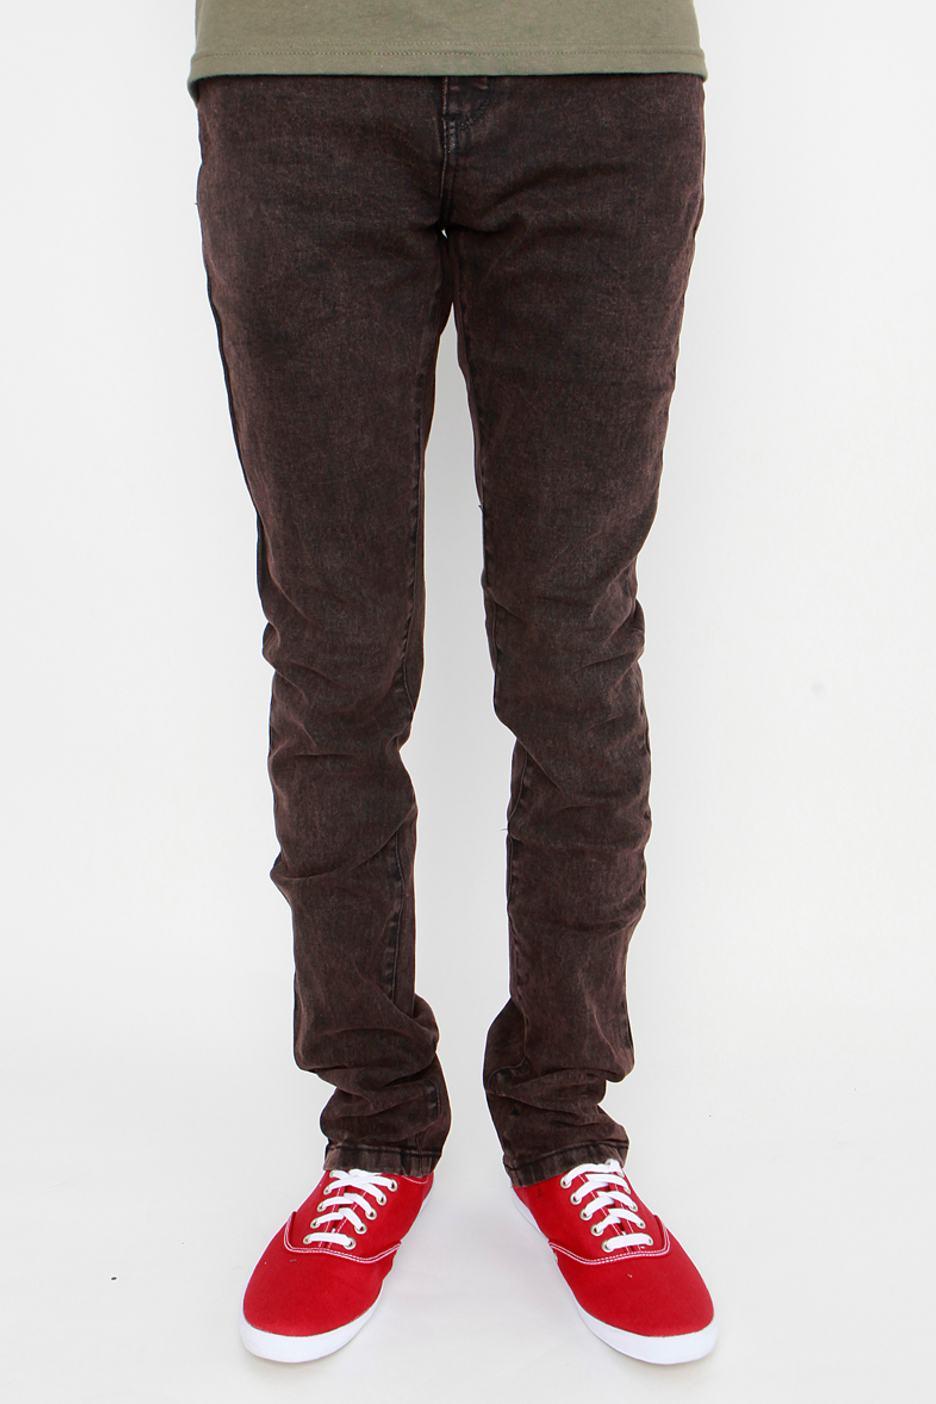 Emerica - Skelter Super Slim Brown - Jeans - Streetwear Shop ...